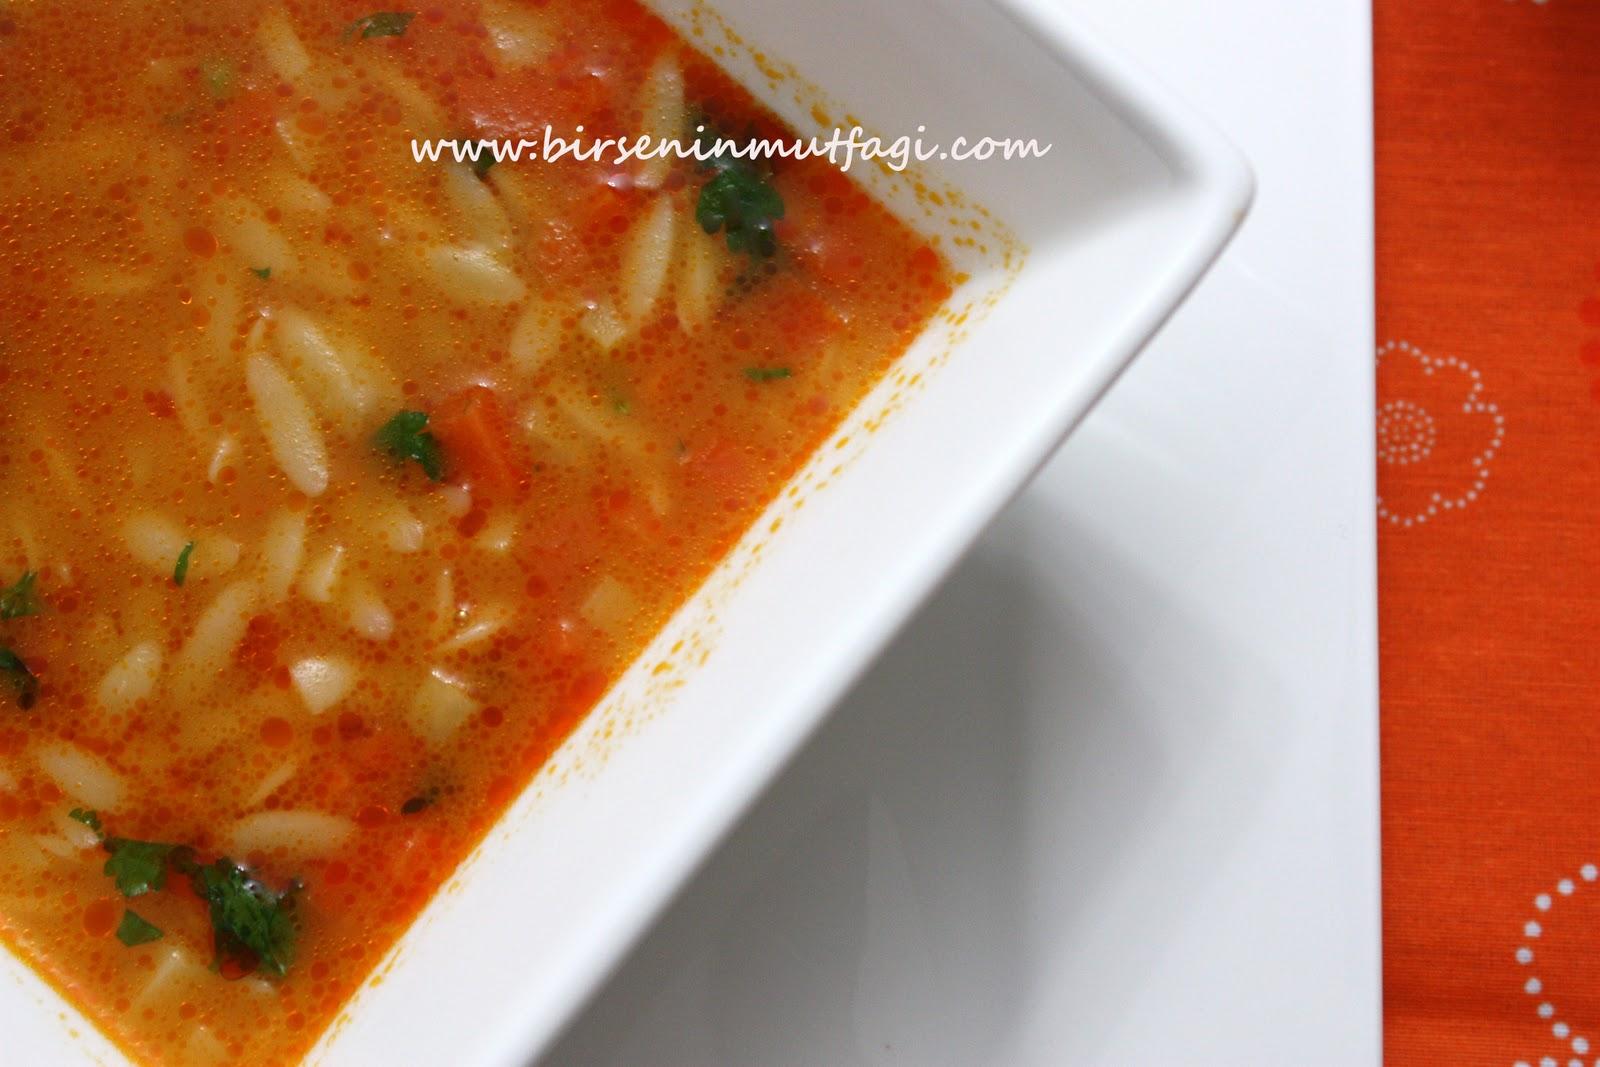 Şehriyeli Patates Çorbası Tarifi